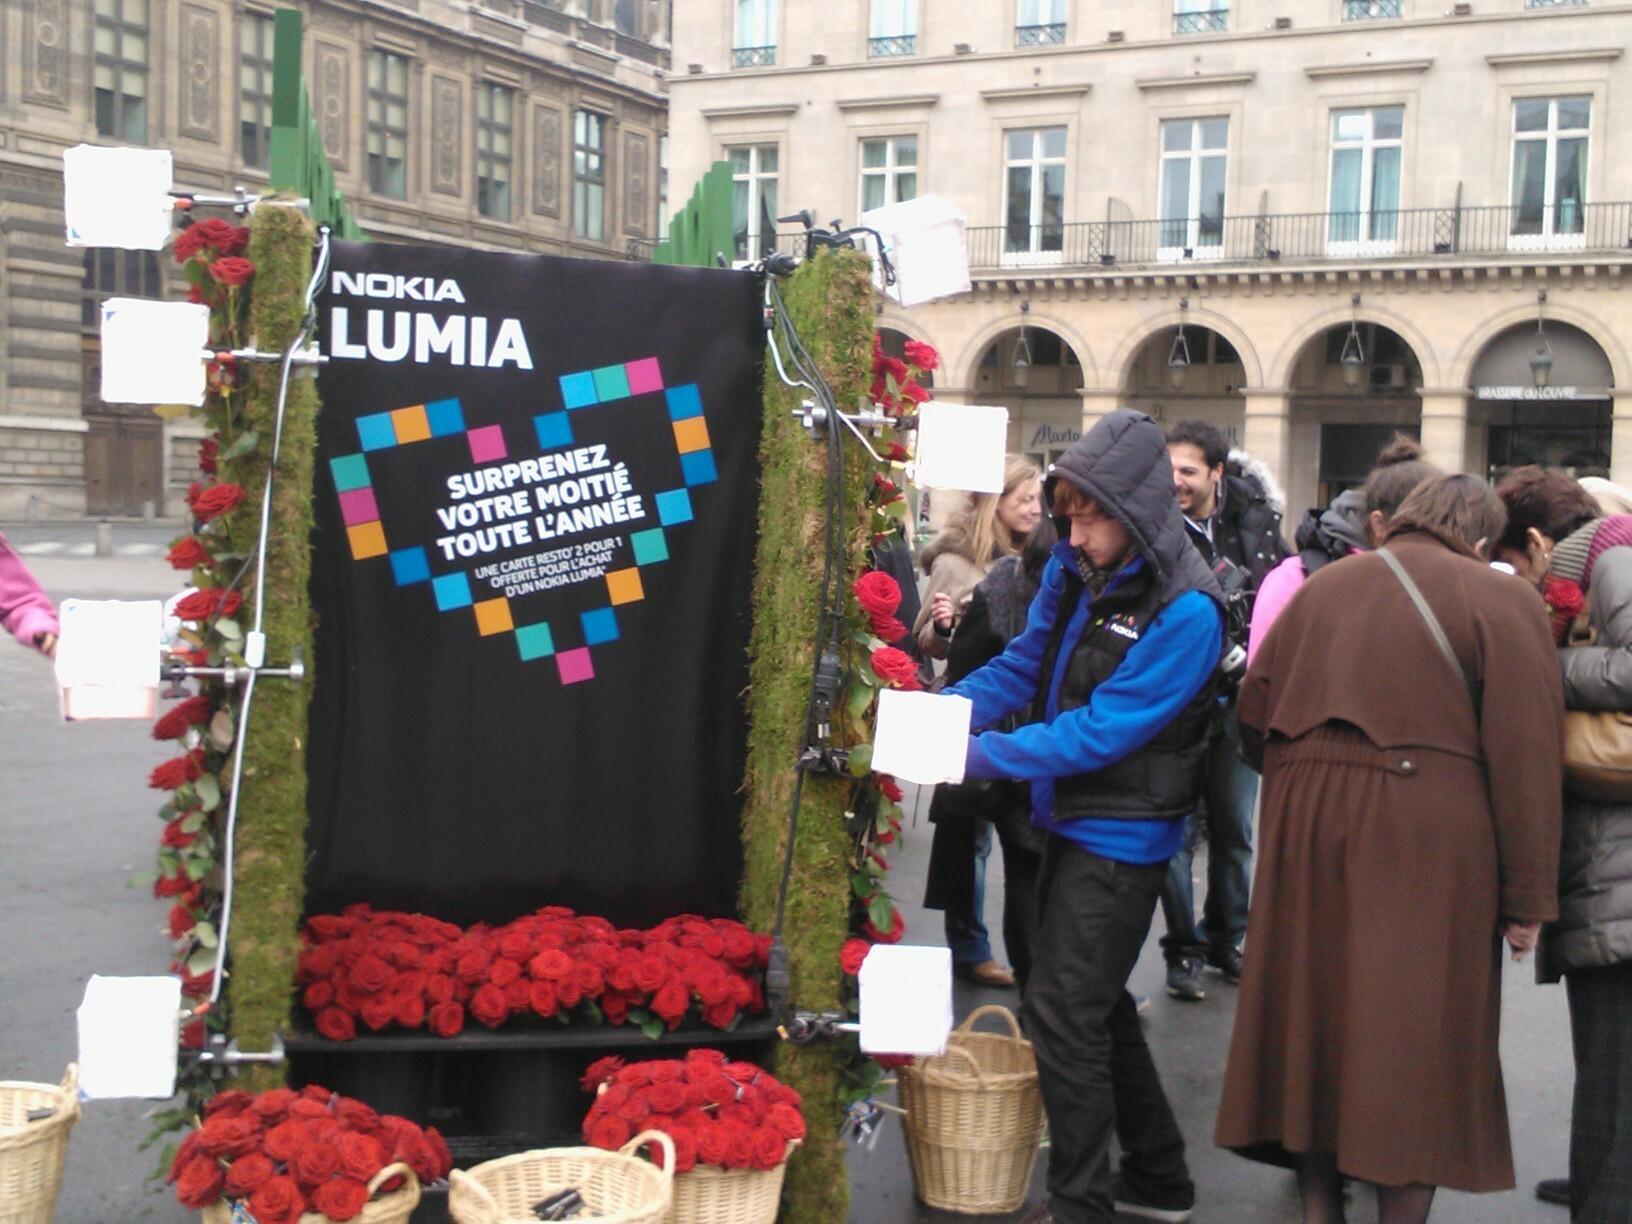 Une Amazing Saint-Valentin à Paris avec Nokia France